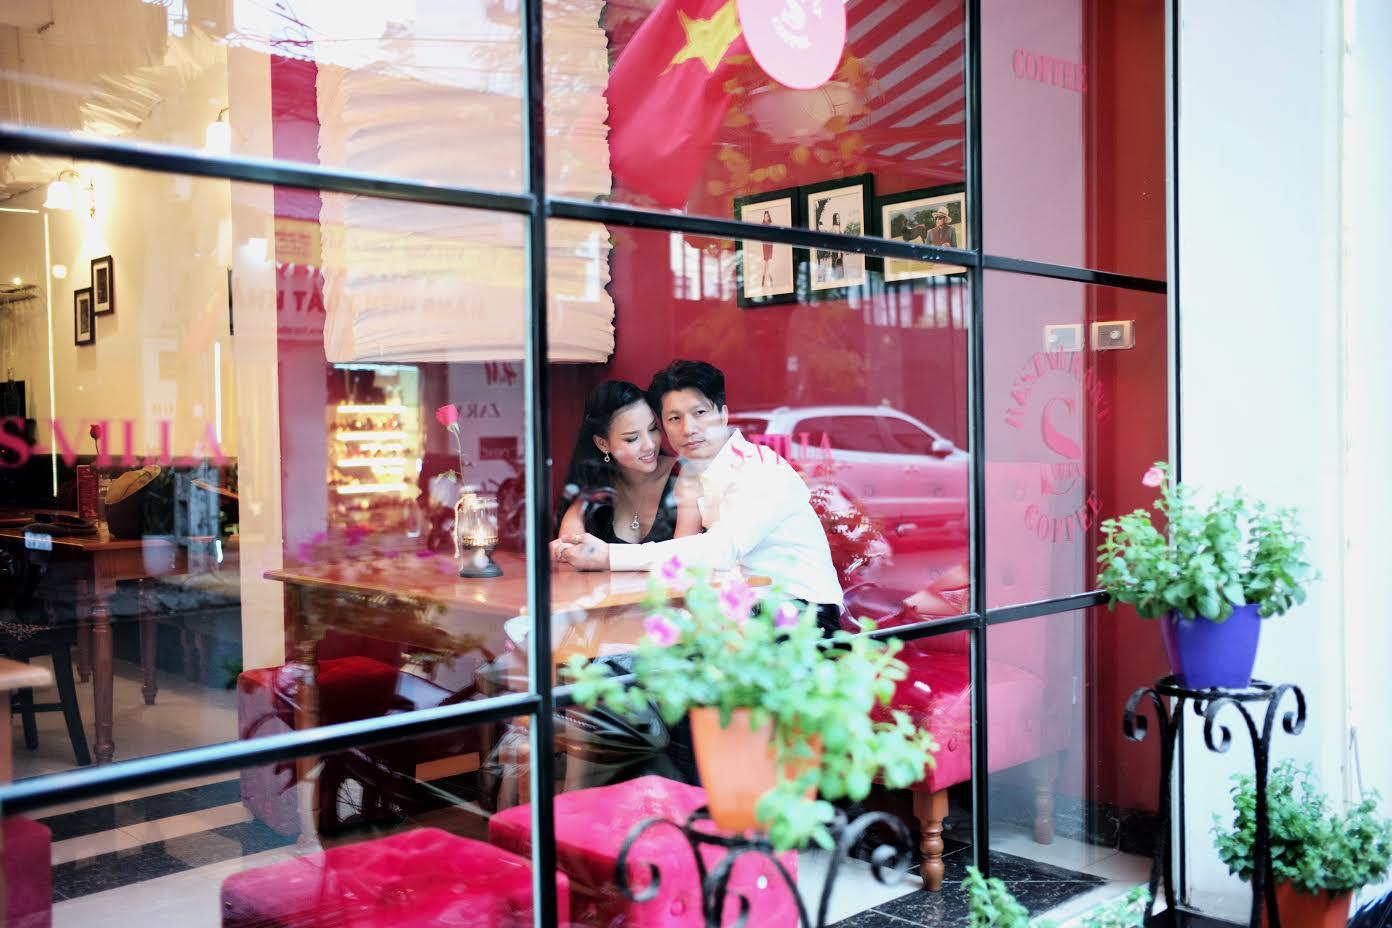 Dustin Nguyễn tình tứ với vợ siêu mẫu trong quán cafe - 1